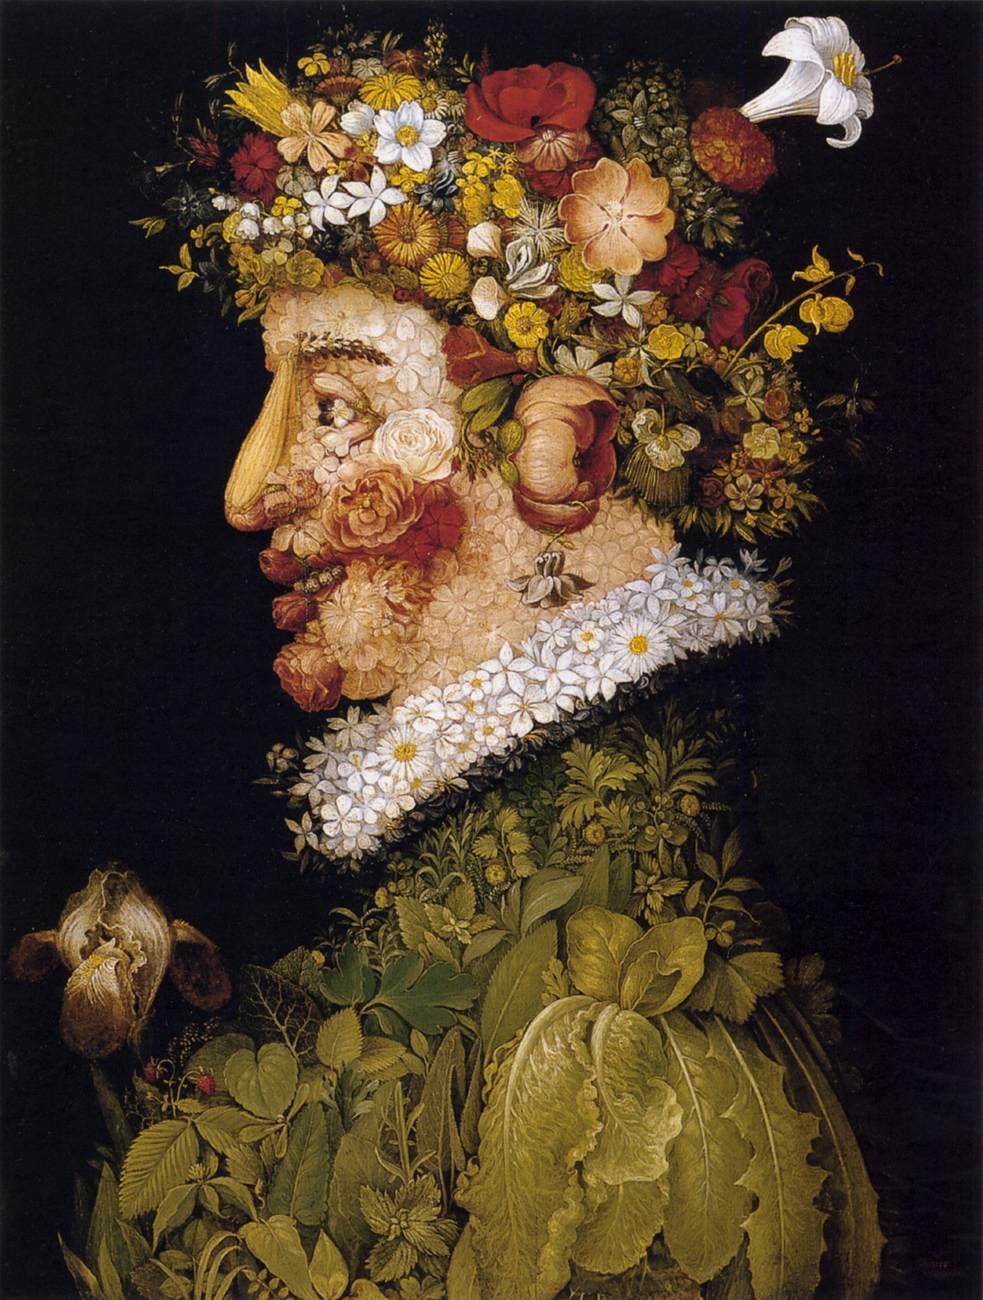 весна времена года цветы портрет арчимбольдо алексей жуков арт пространство лофт артмуза курсы живописи рисование для взрослых питер петербург